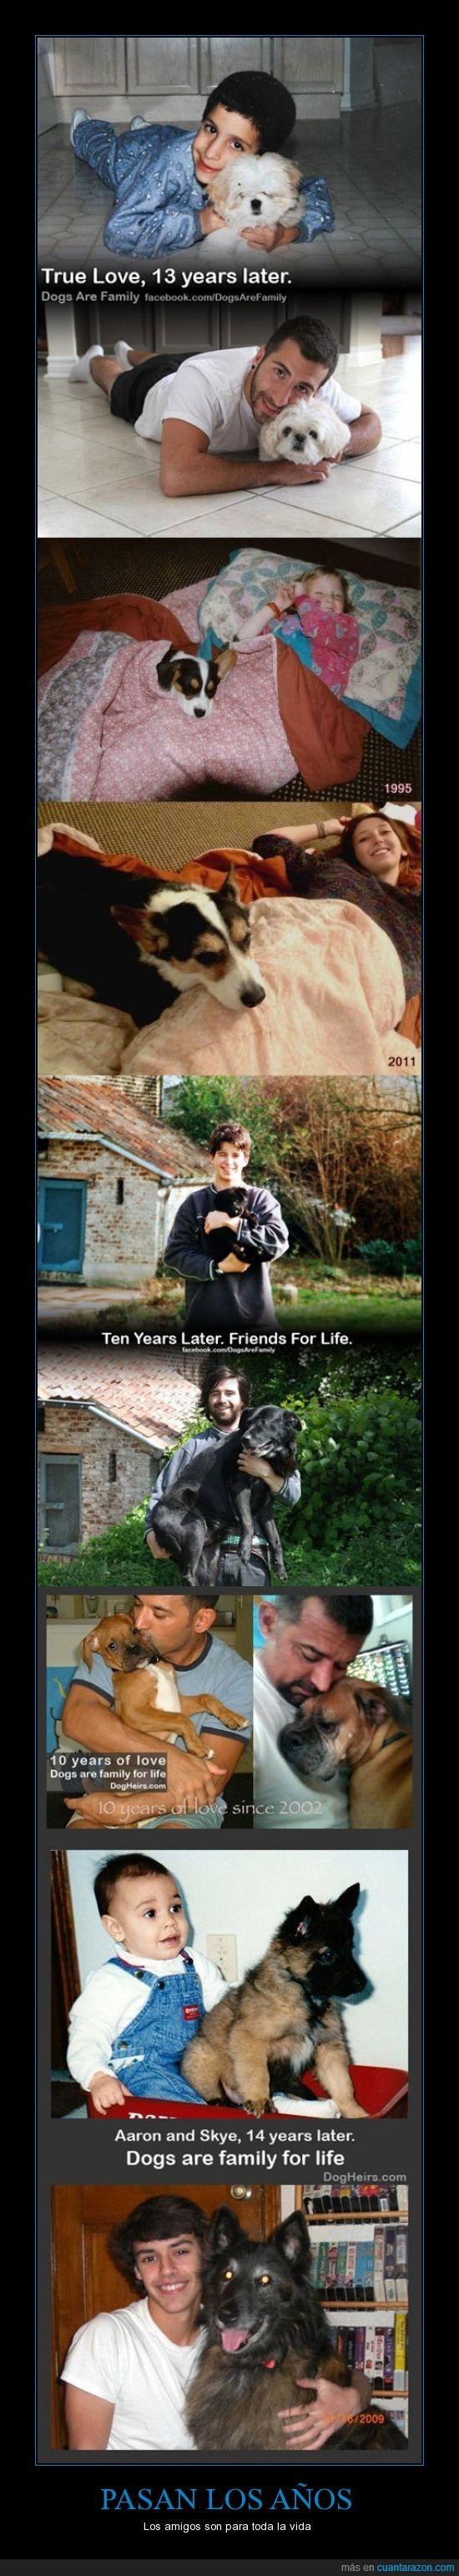 amigo,crecer,niño,perro,tiempo